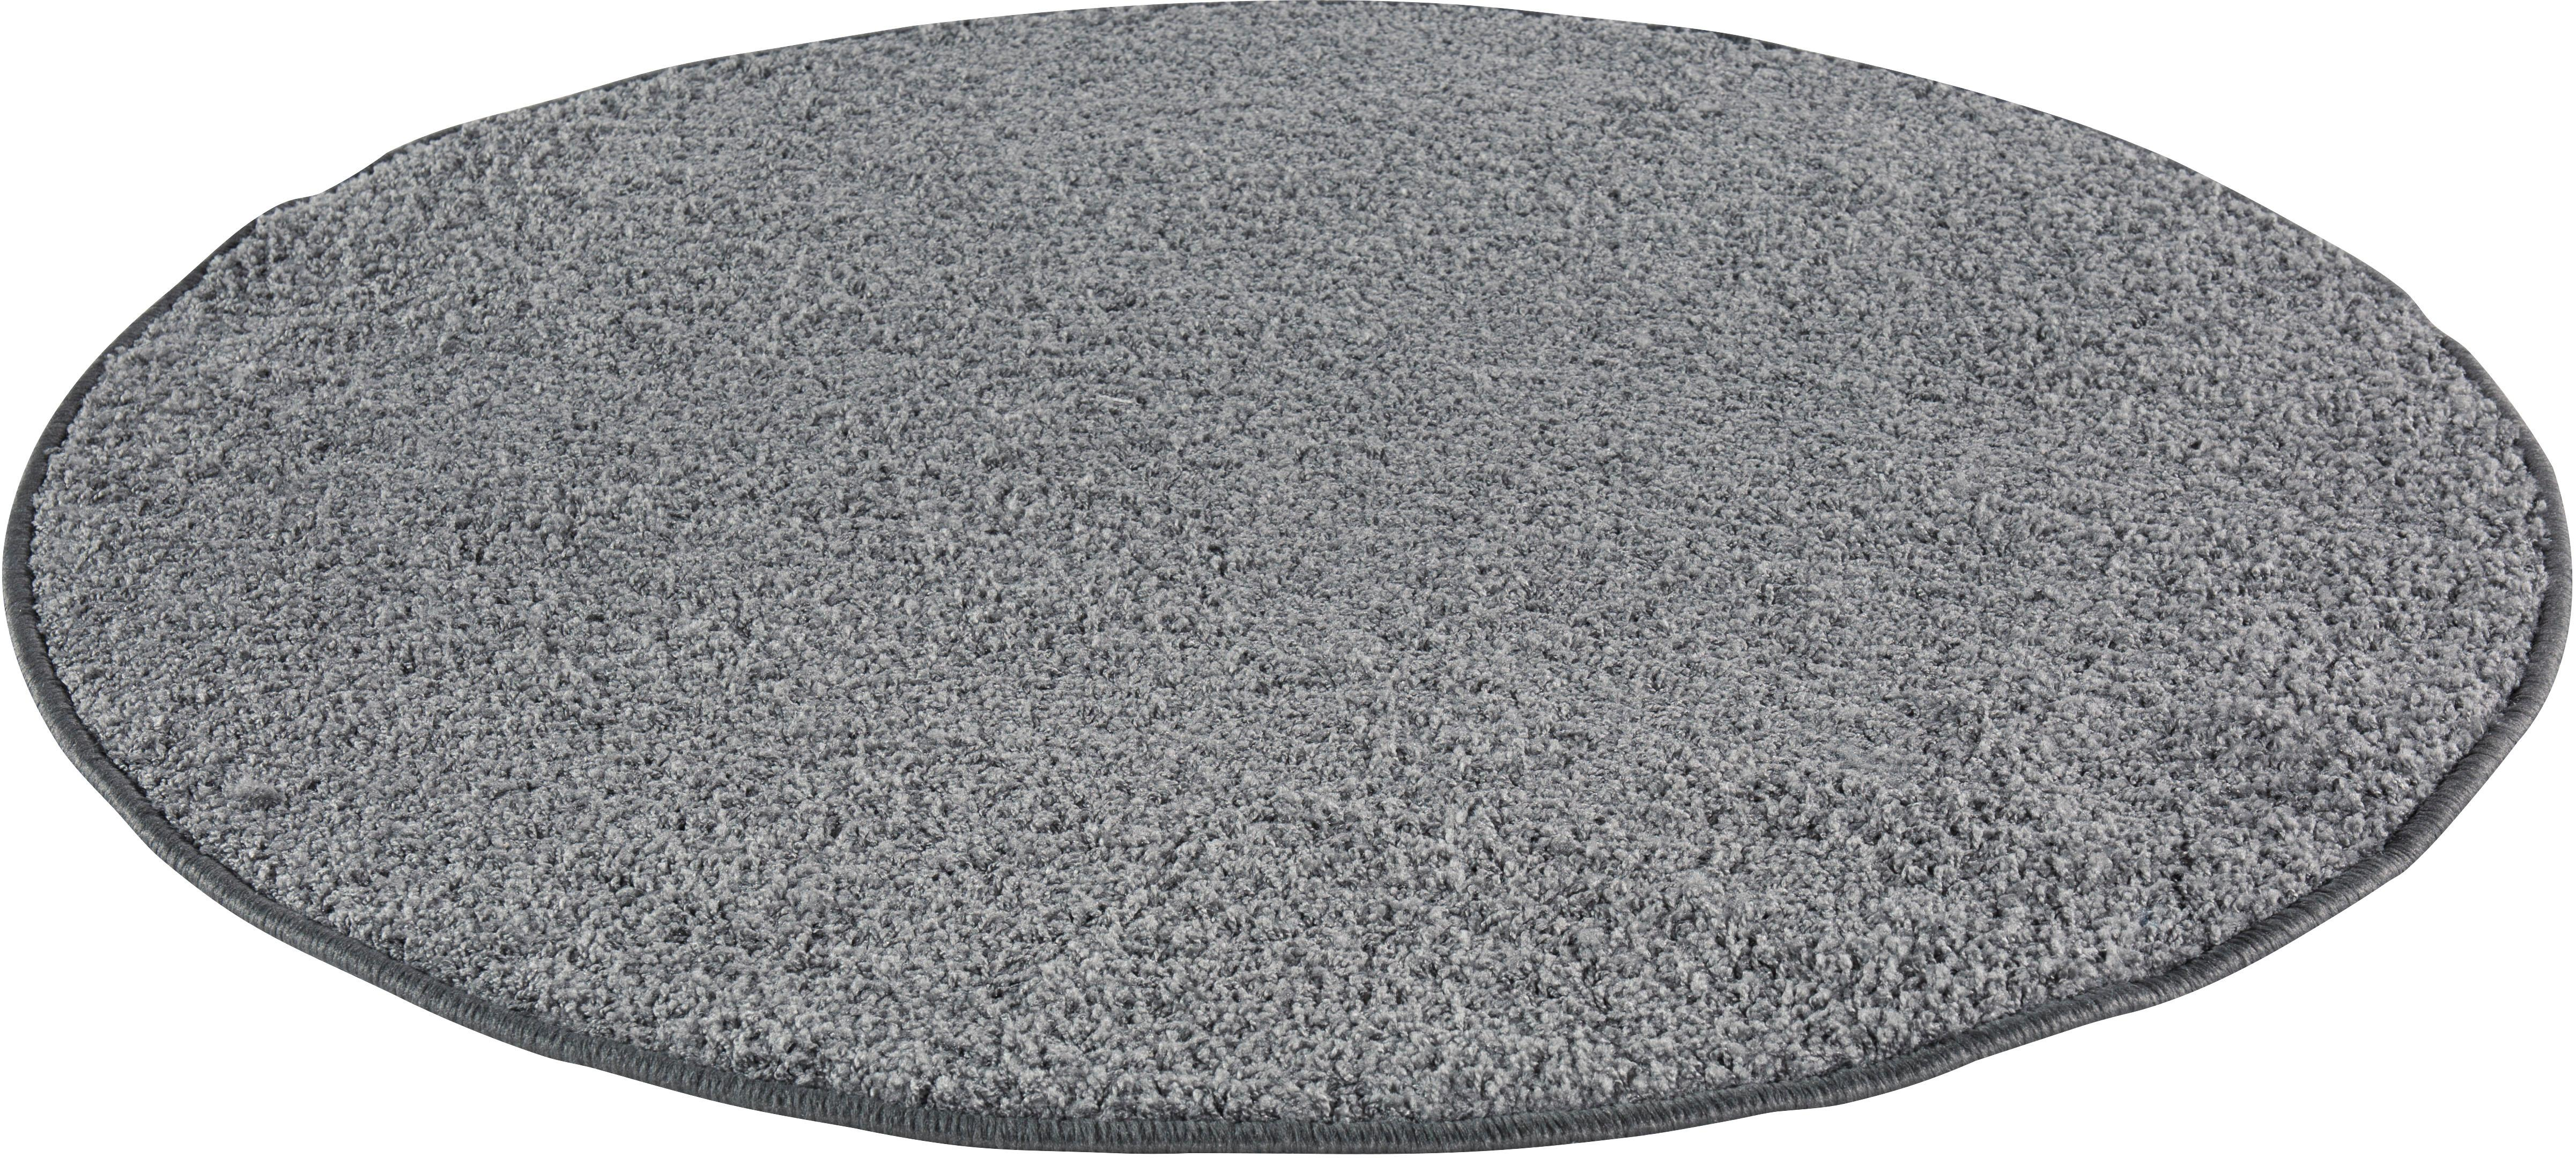 Teppich, »Shaggy uni«, Andiamo, rund, Höhe 15 mm, maschinell getuftet